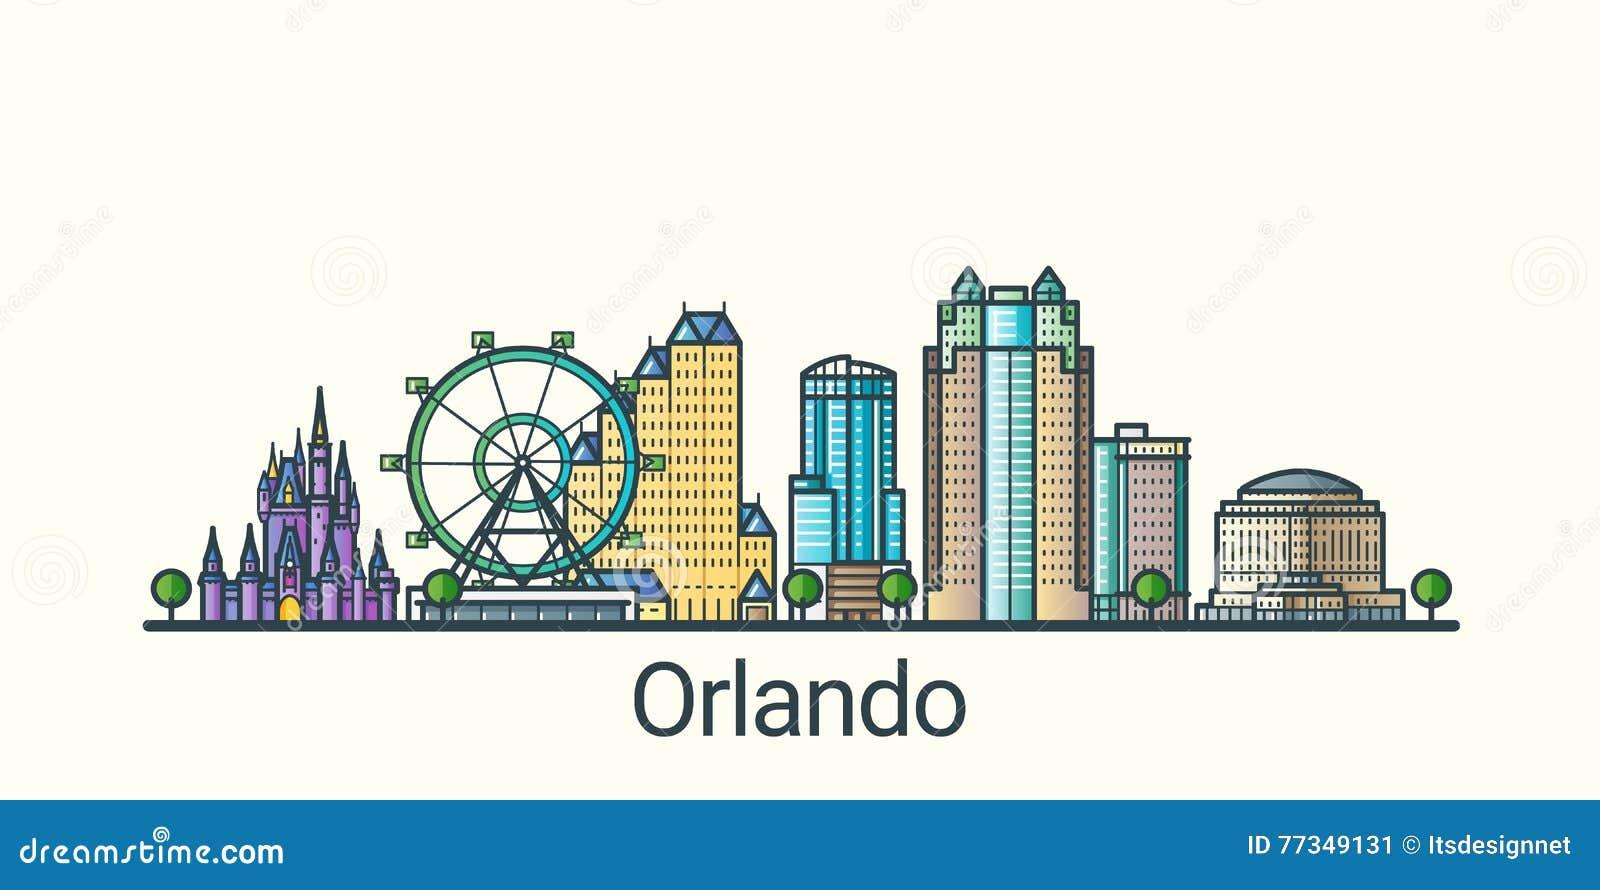 Orlando Clip Art : Outline orlando skyline with blue buildings cartoon